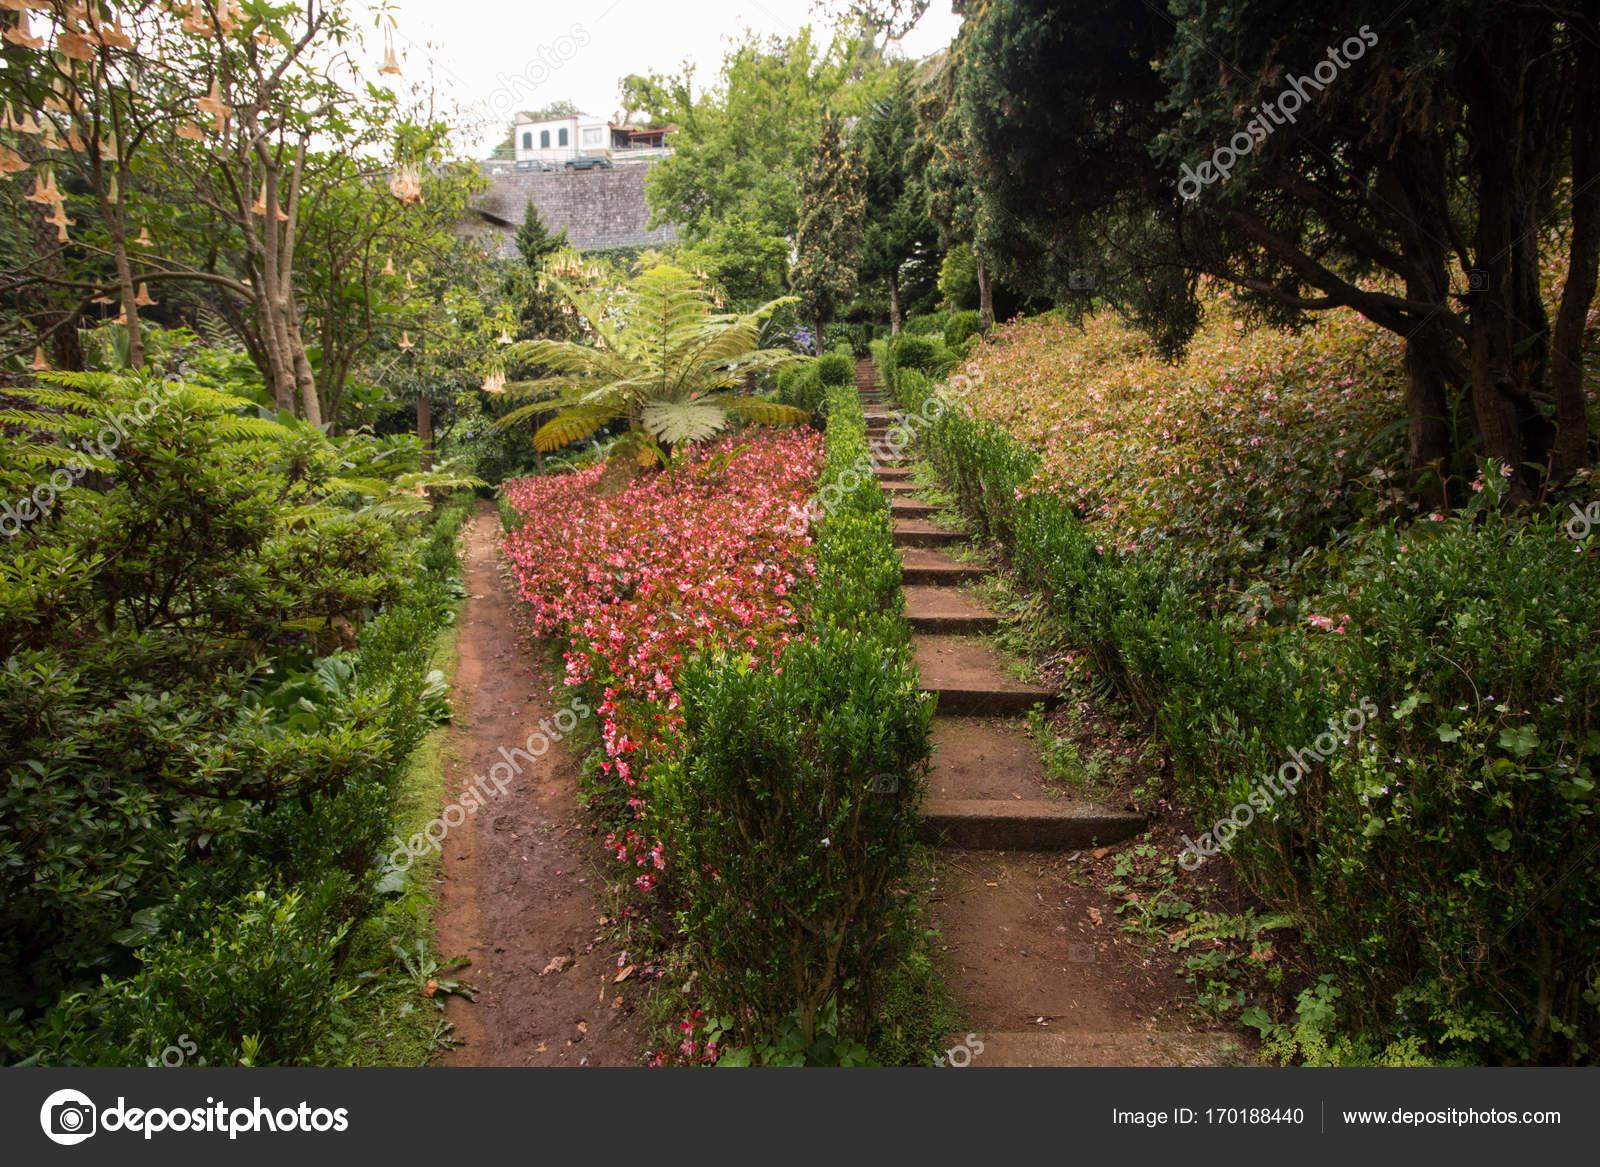 Tropical garden Monte Palace — Stock Photo © membio #170188440